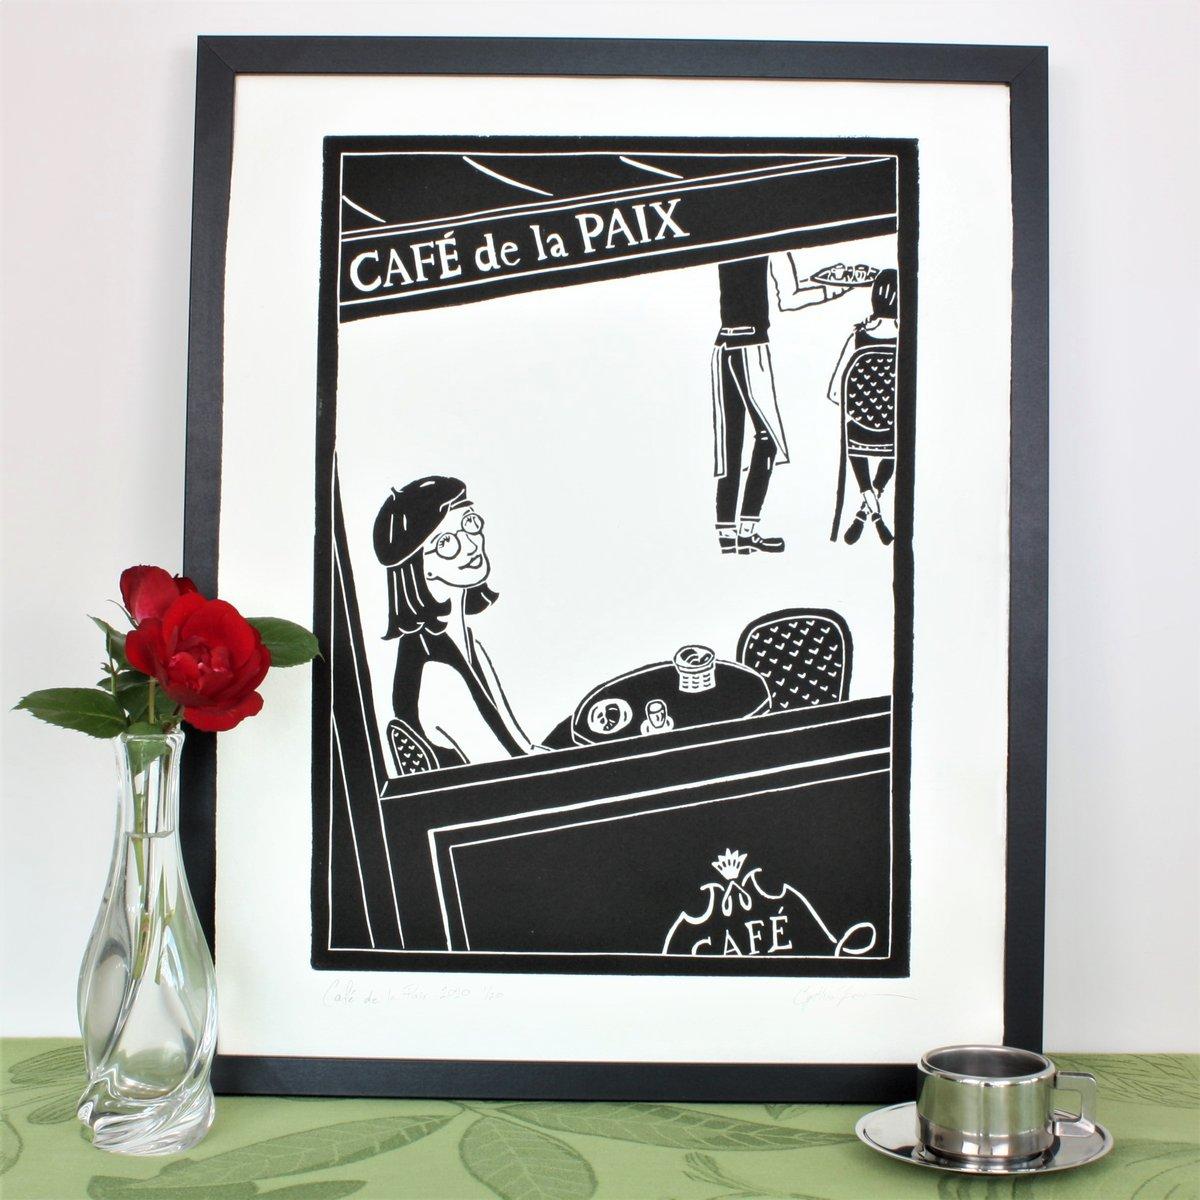 Image of Café de la Paix